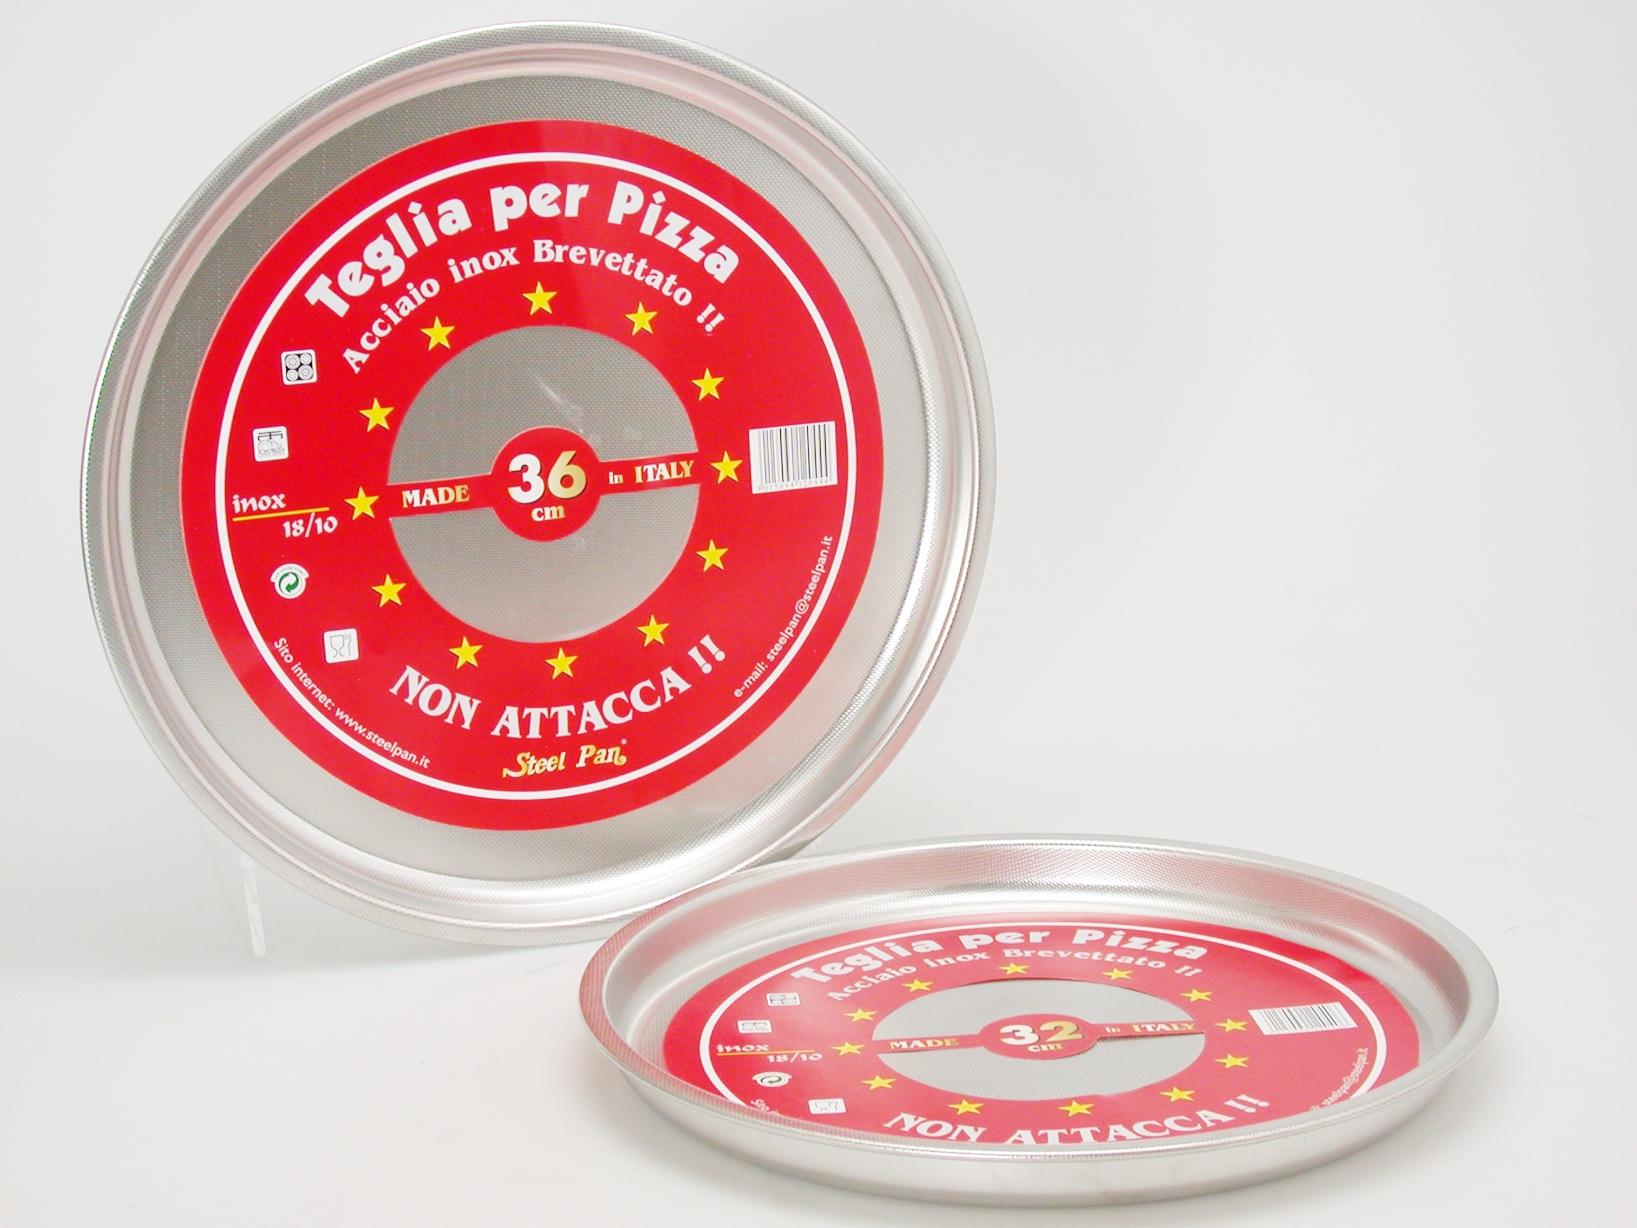 Acquista Teglia Pizza Tondo Nonstick 36 17514023 | Glooke.com